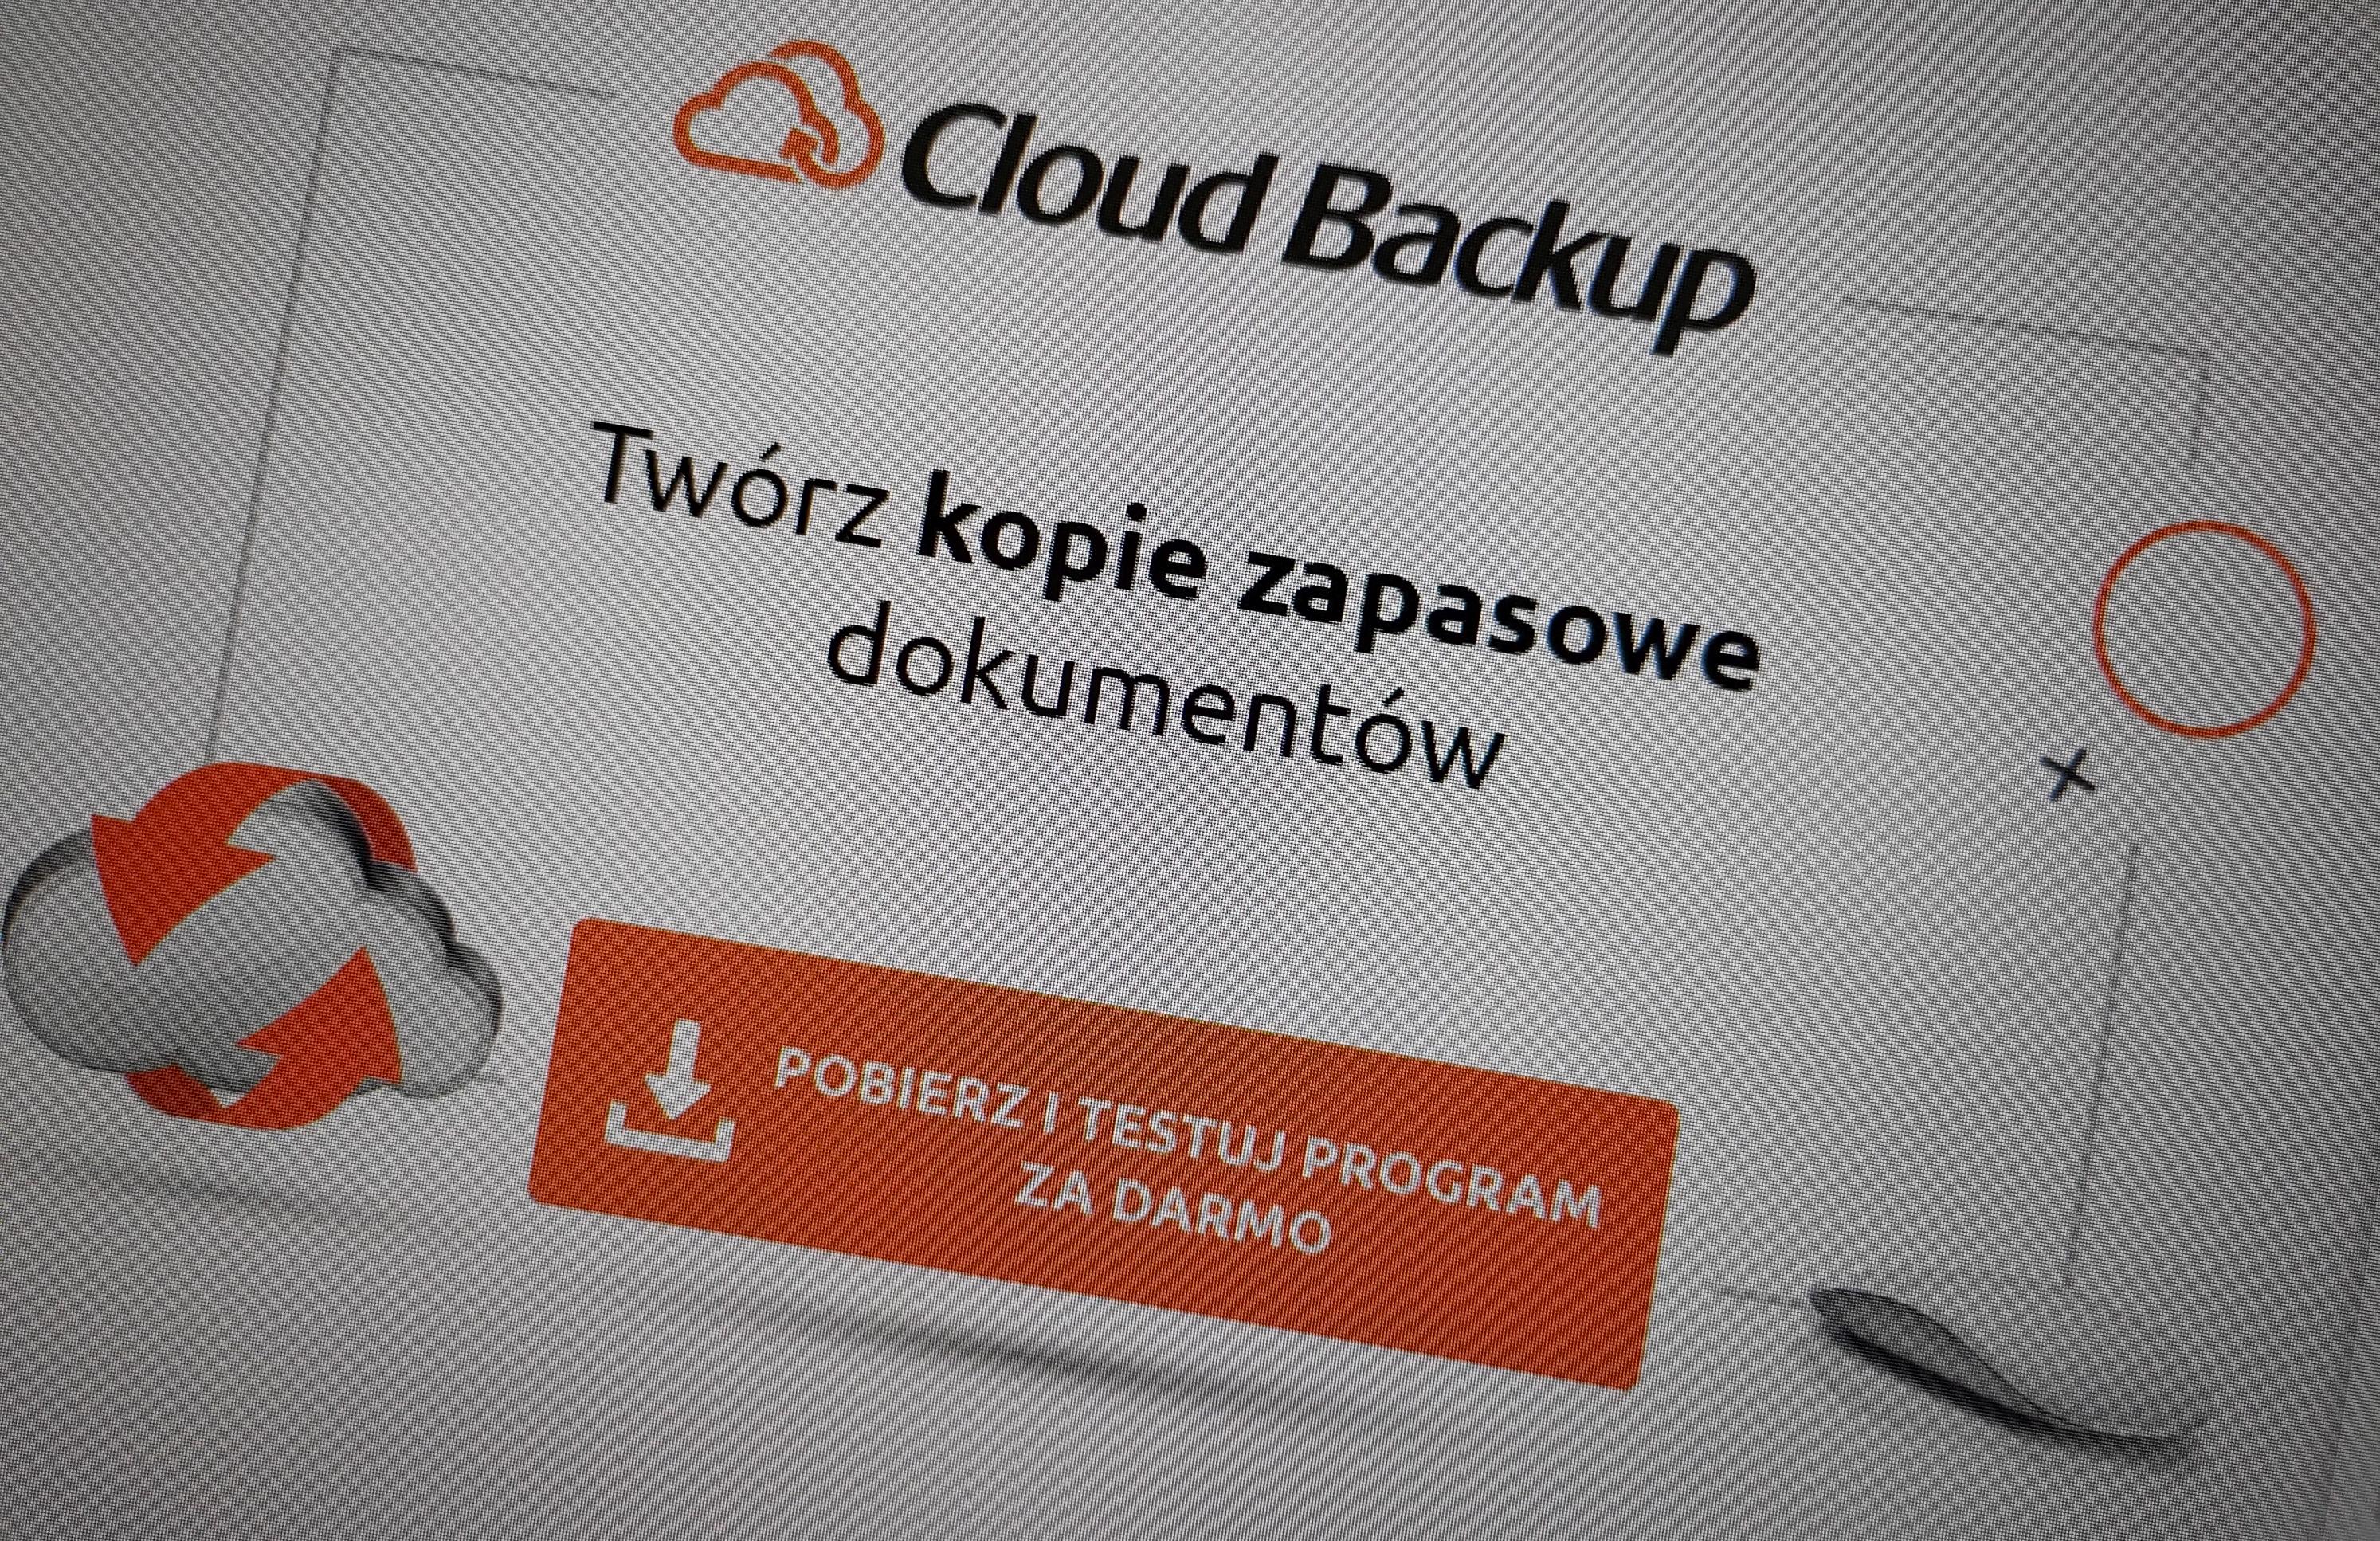 Recenzja Cloud Backup w nazwa.pl. Prosto i bardzo skutecznie